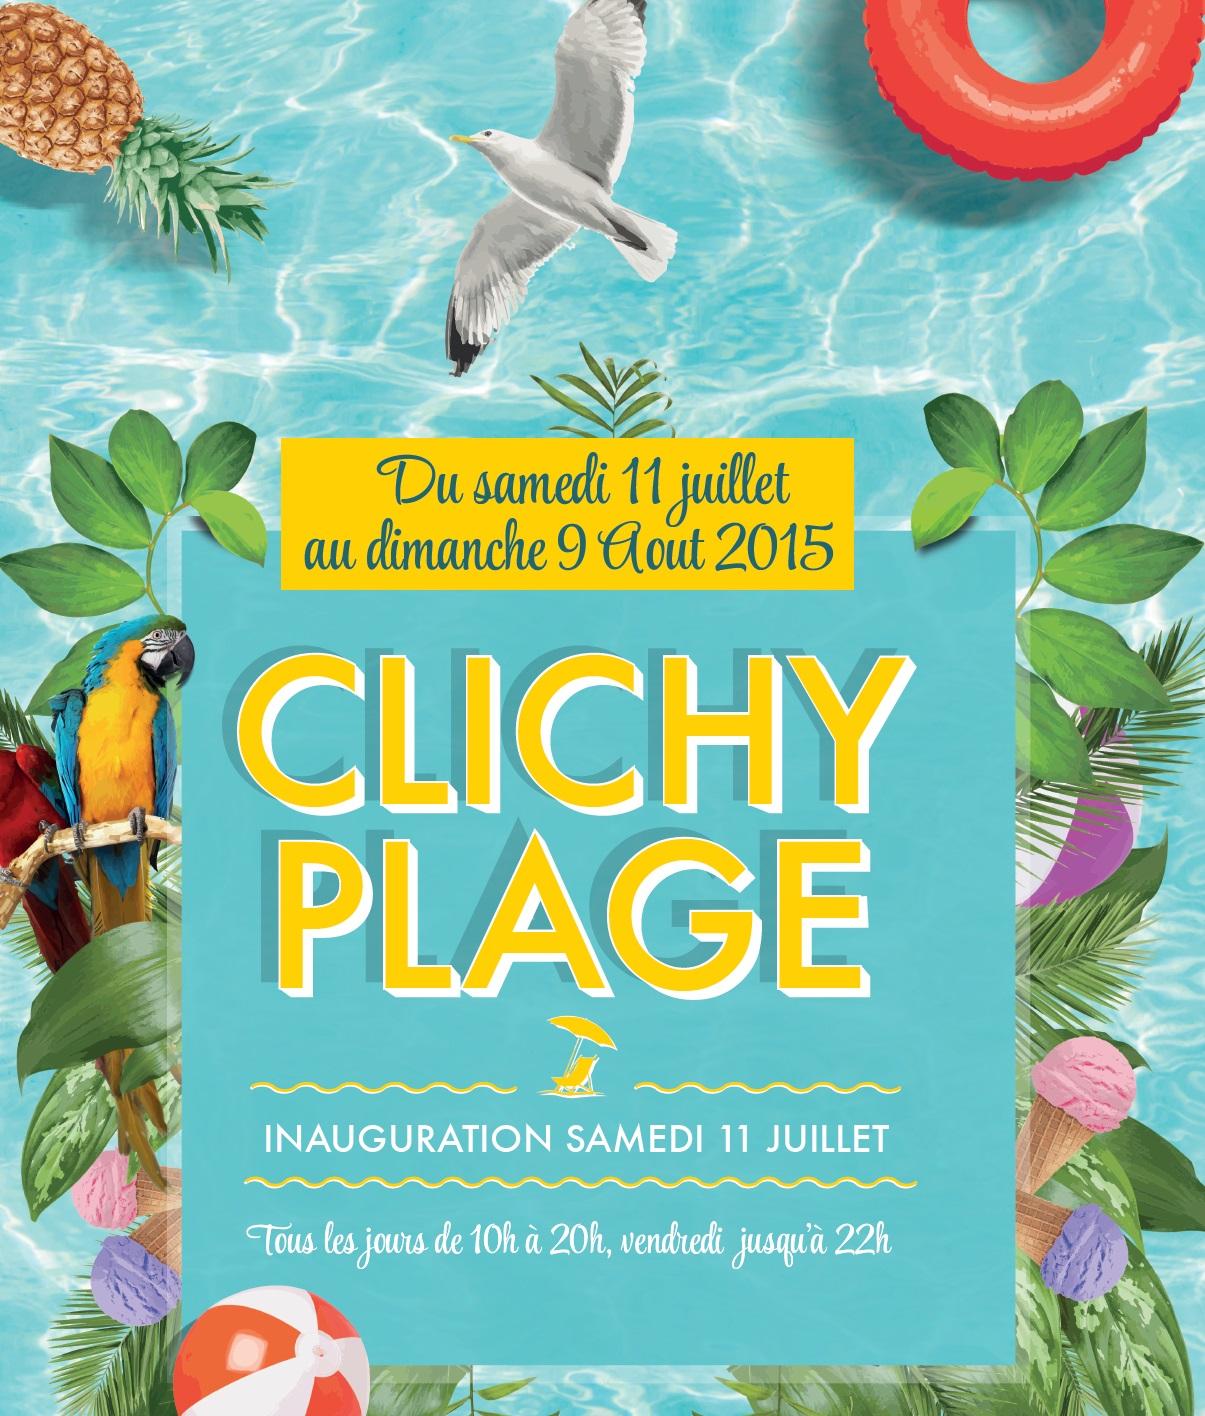 Clichy plage derniers jours ot clichy - Piscine municipale clichy ...